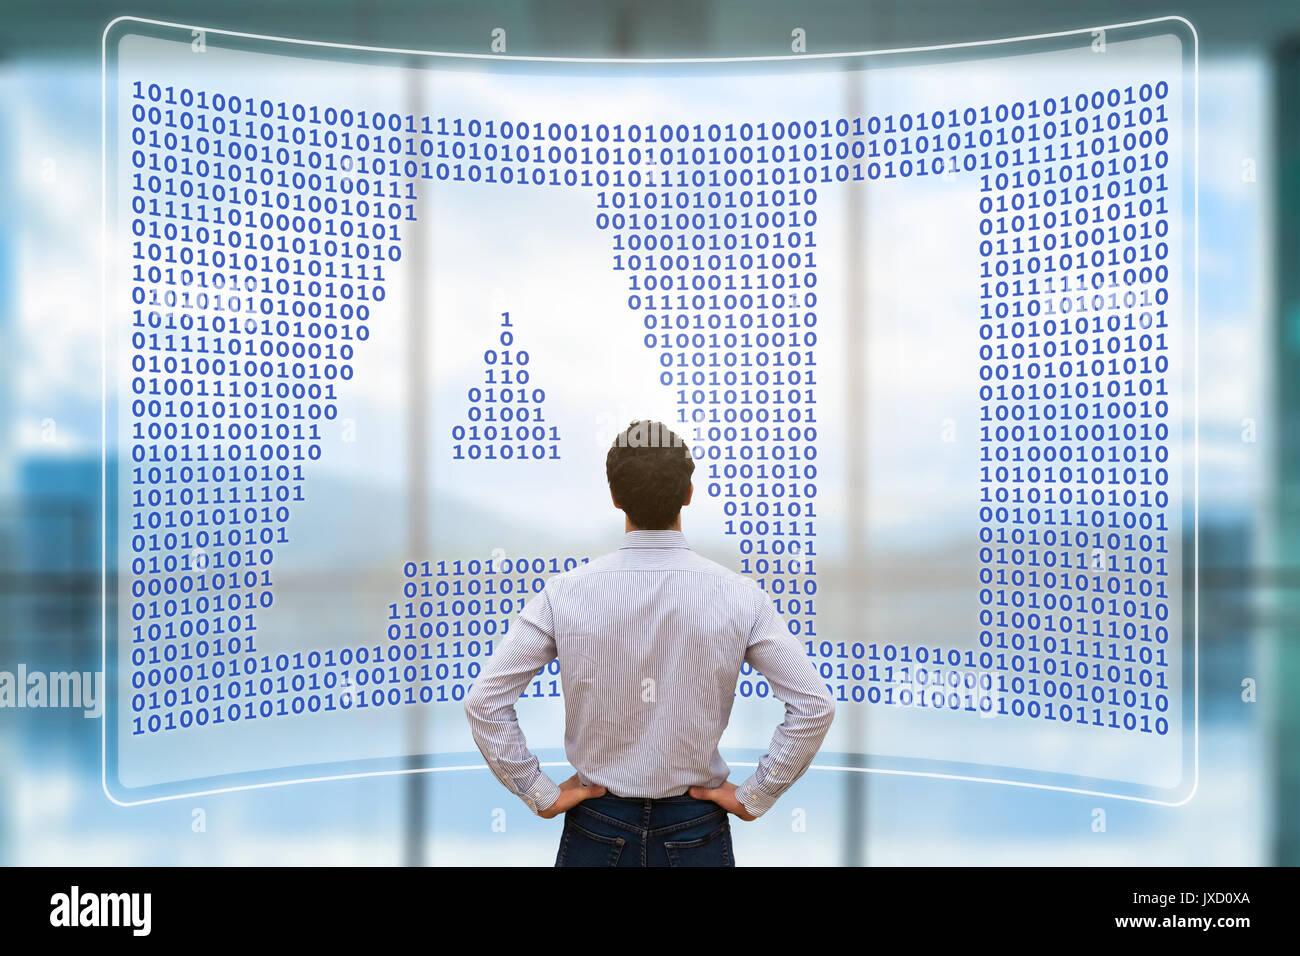 Concepto de inteligencia artificial con texto AI en código binario matrix en pantalla virtual y la persona que trabaja Foto de stock